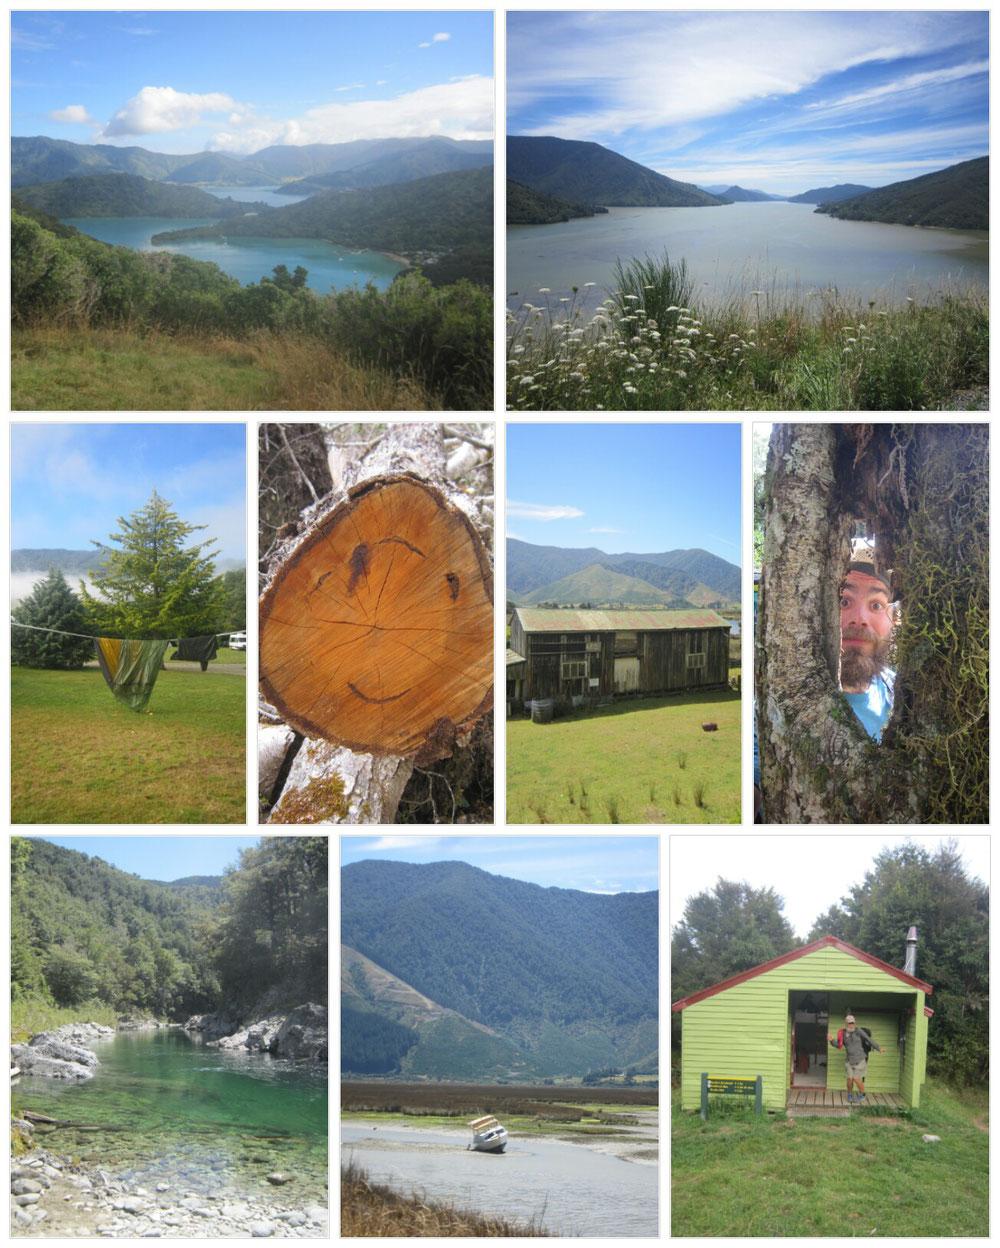 In dieser Collage enthalten ein Foto des neuseeländischen Studios der ARD